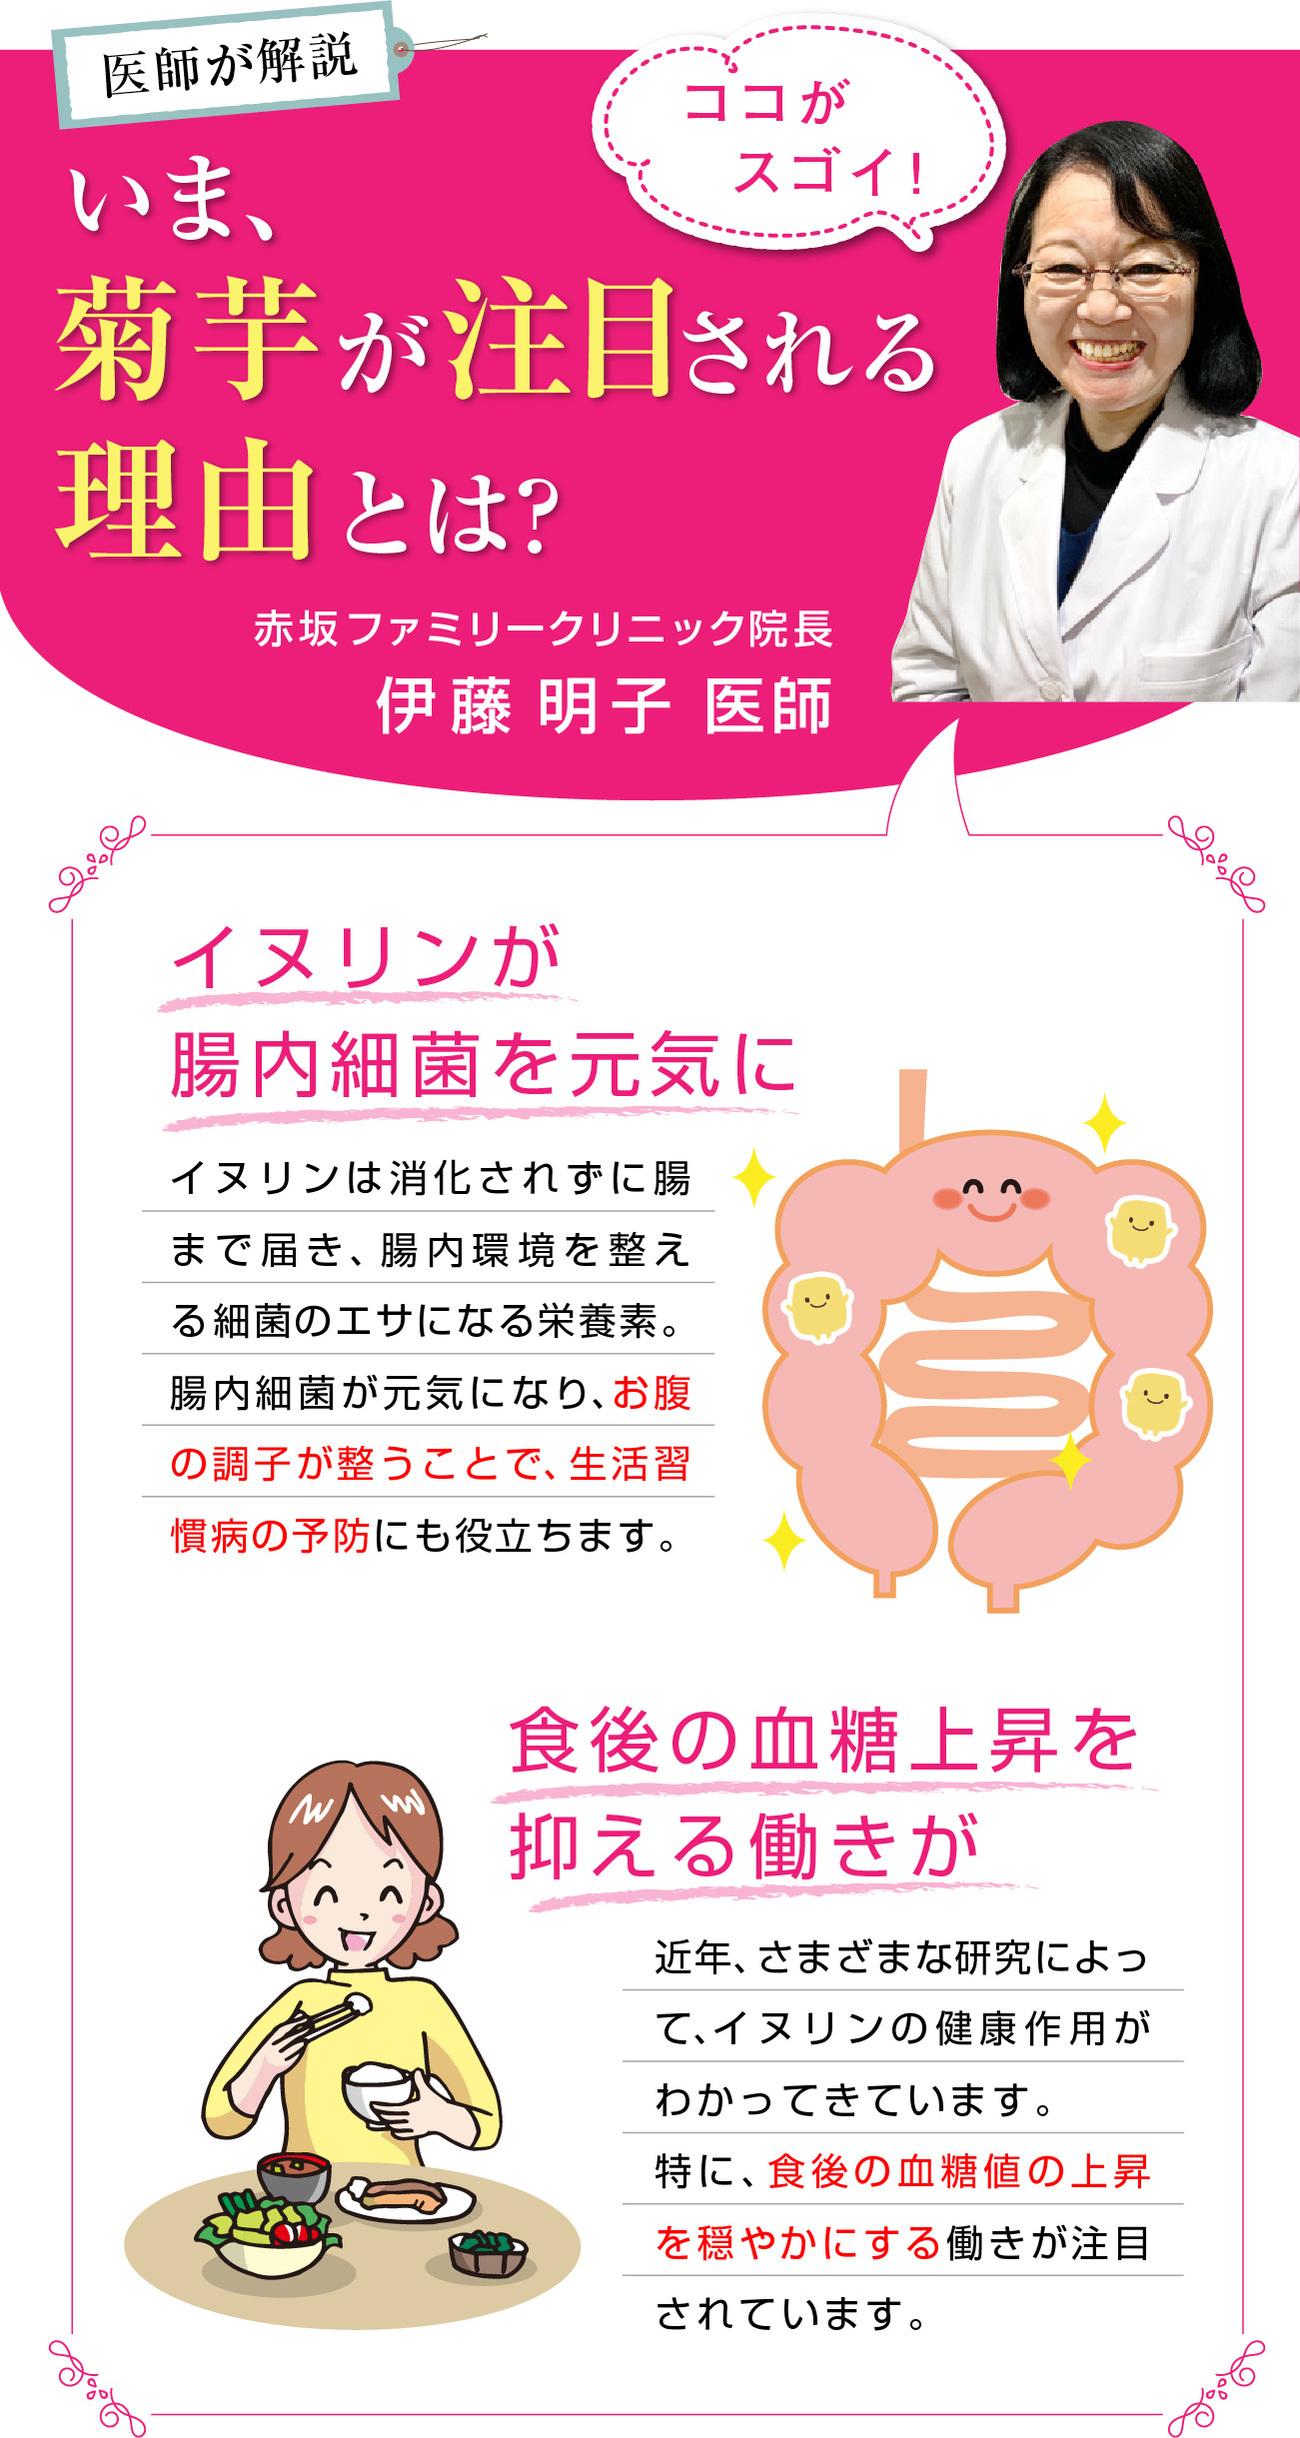 医師が解説いま、菊芋が注目される理由とは?赤坂ファミリークリニック院長伊藤明子医師